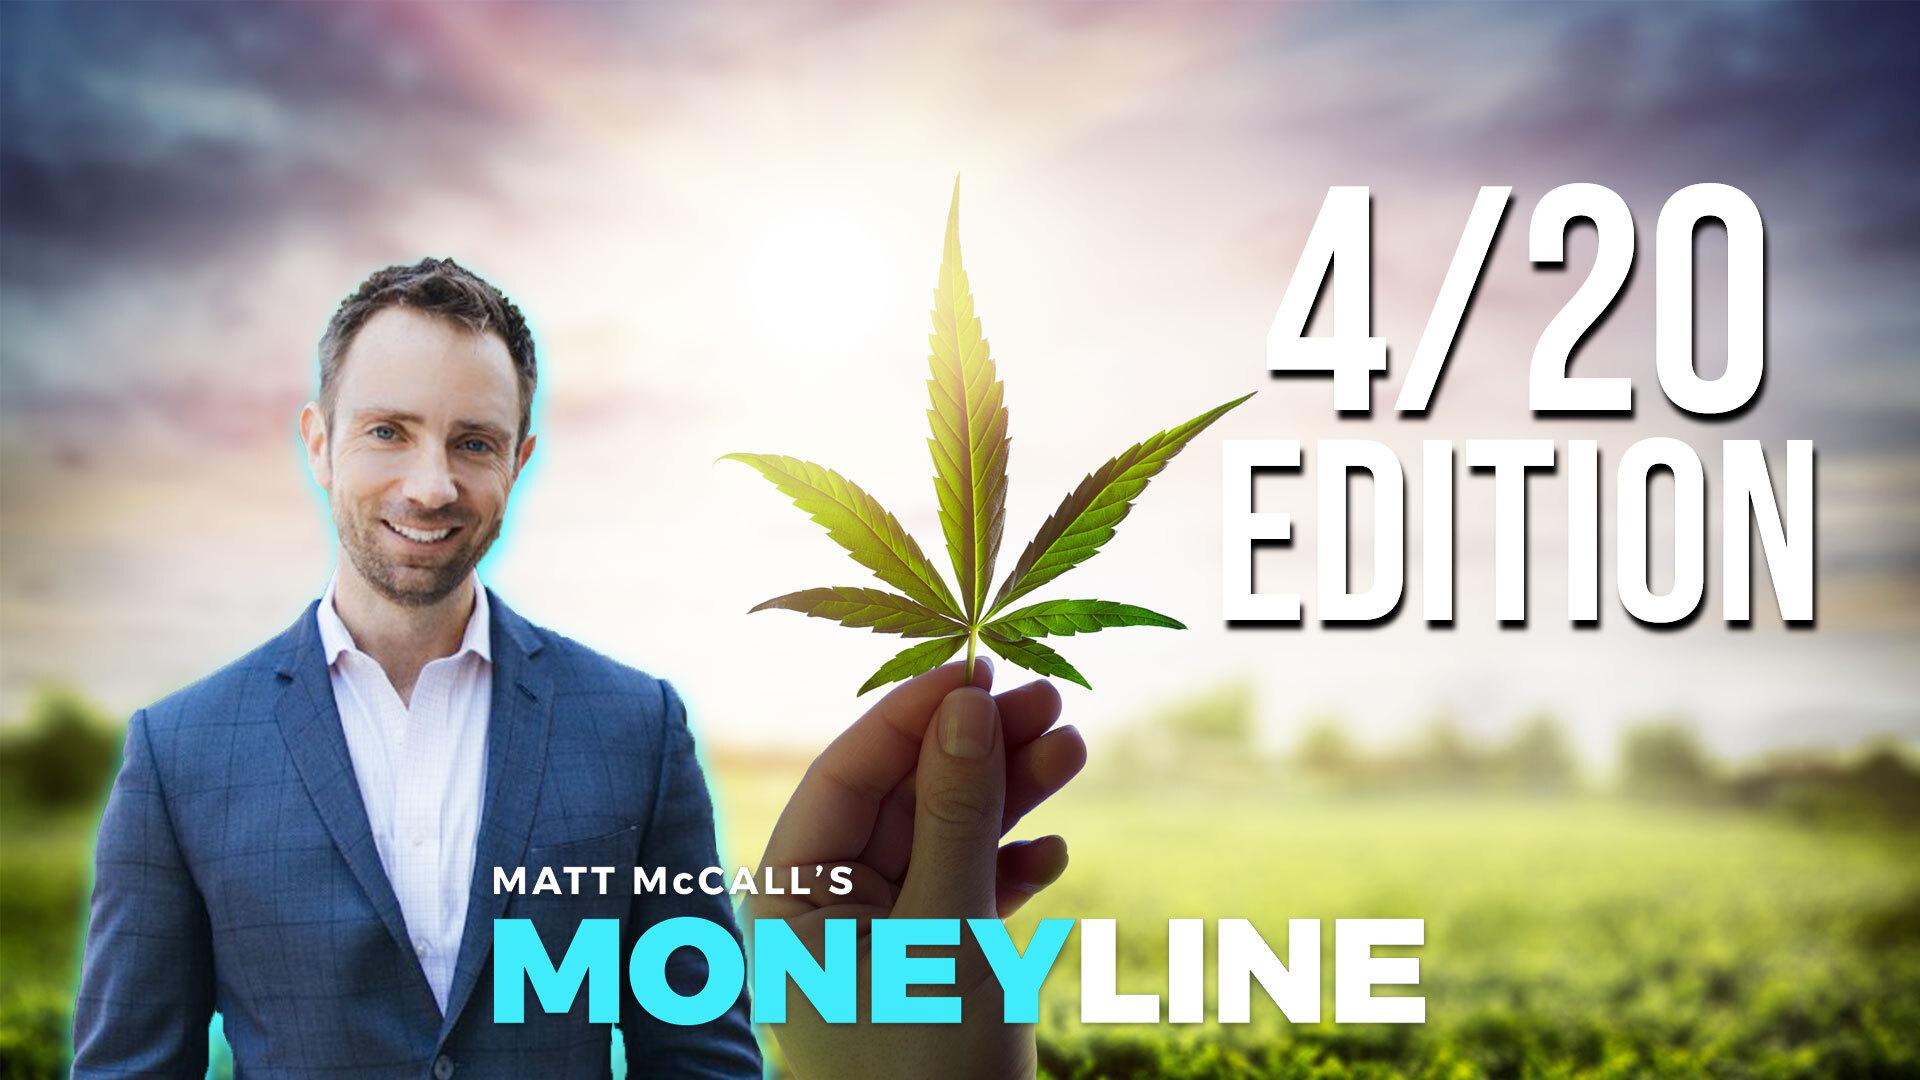 Matt McCall's Moneyline: 4/20